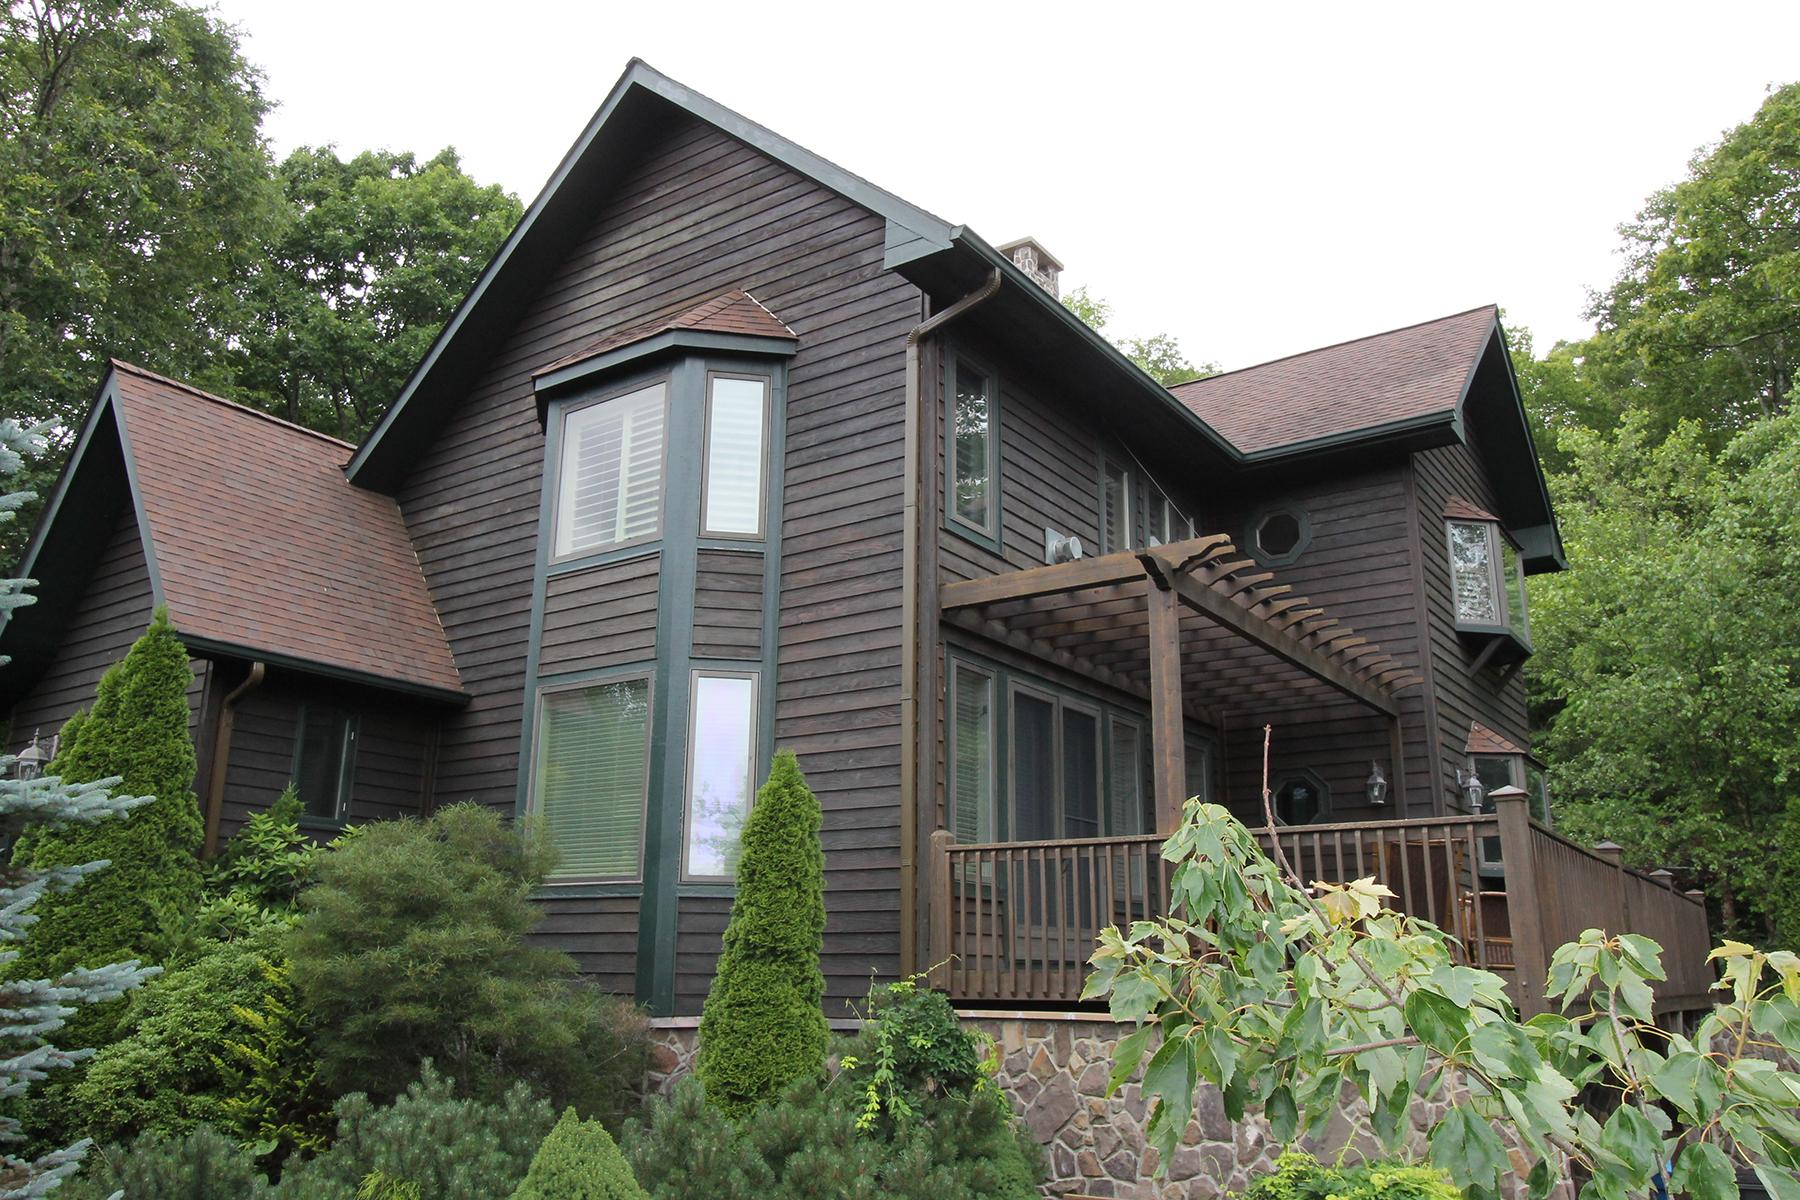 独户住宅 为 销售 在 WONDERLAND WOODS BLOWING ROCK 325 Wonderland Woods Dr Blowing Rock, 北卡罗来纳州 28605 美国